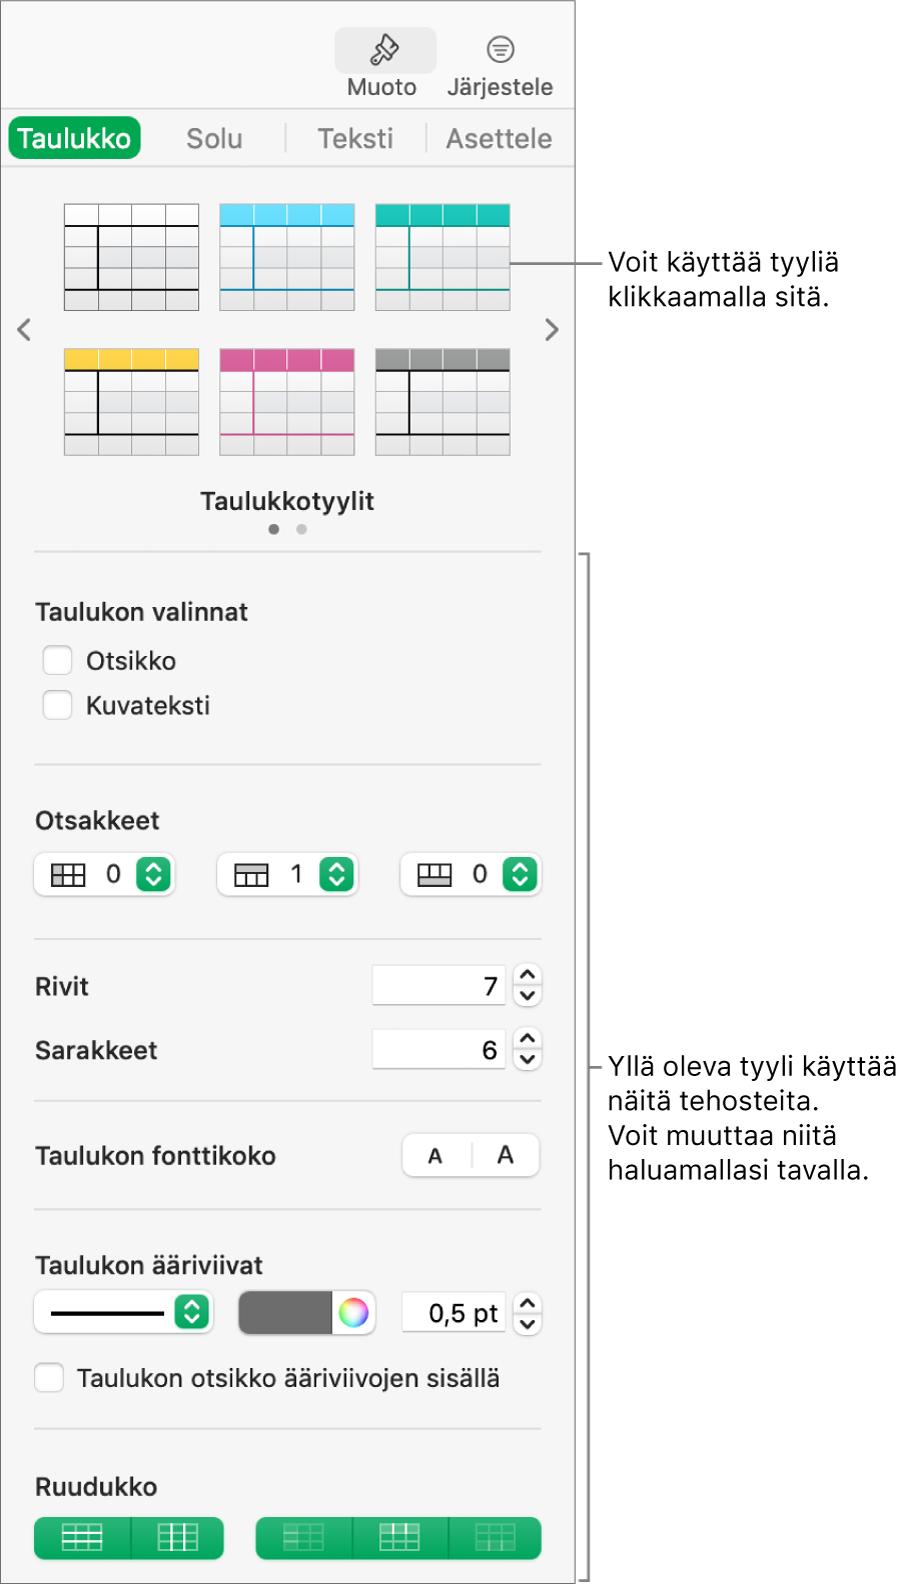 Muoto-sivupalkki, jossa näkyy taulukkotyylejä ja muotoiluvalintoja.